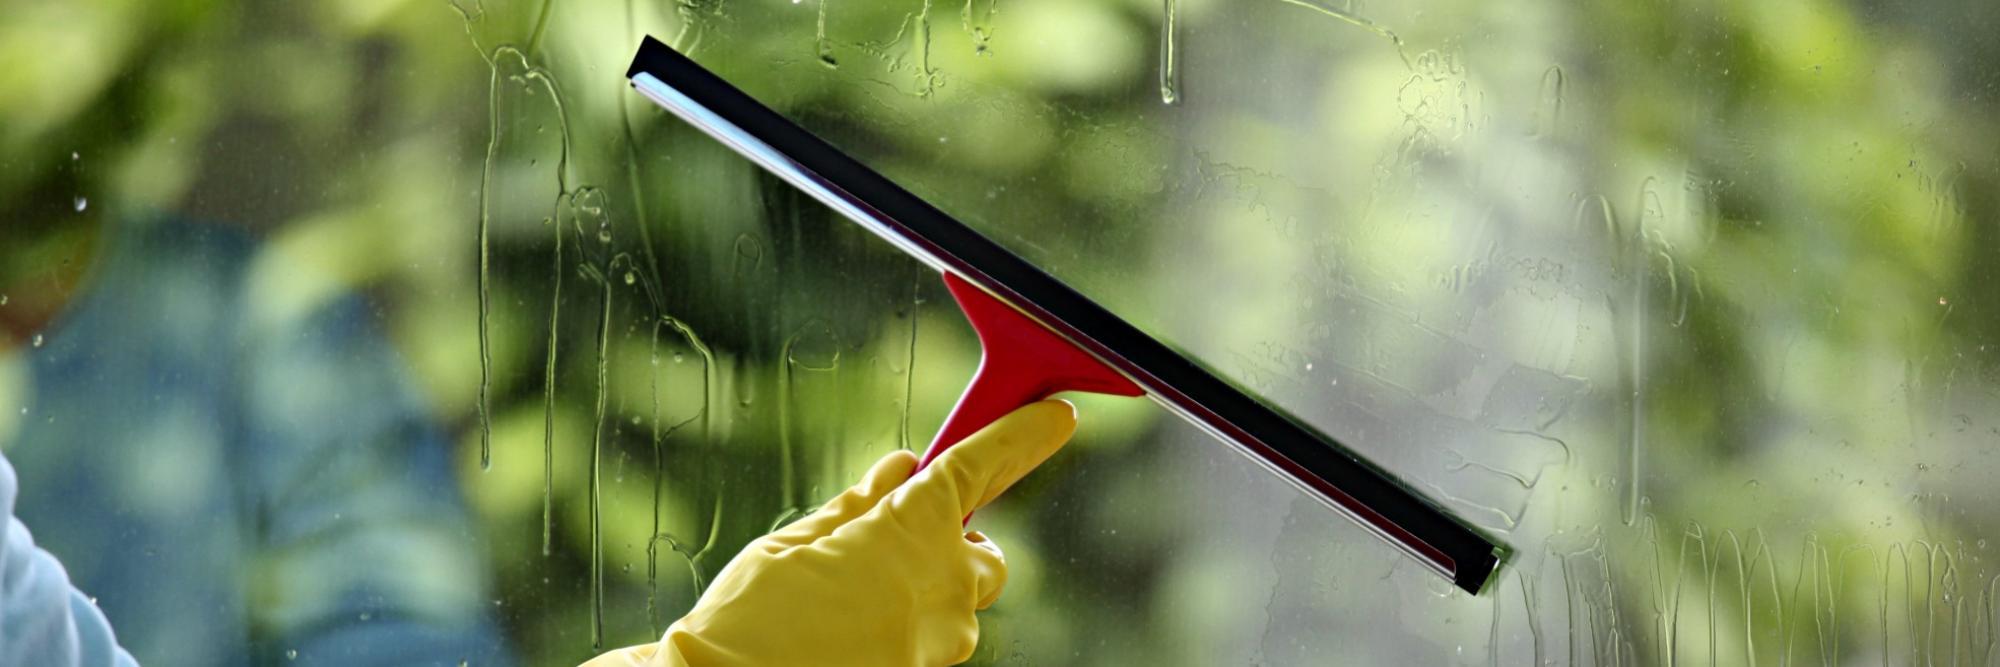 nettoyage et lavage des vitres en vend e nil nettoyage industriel en vend e. Black Bedroom Furniture Sets. Home Design Ideas